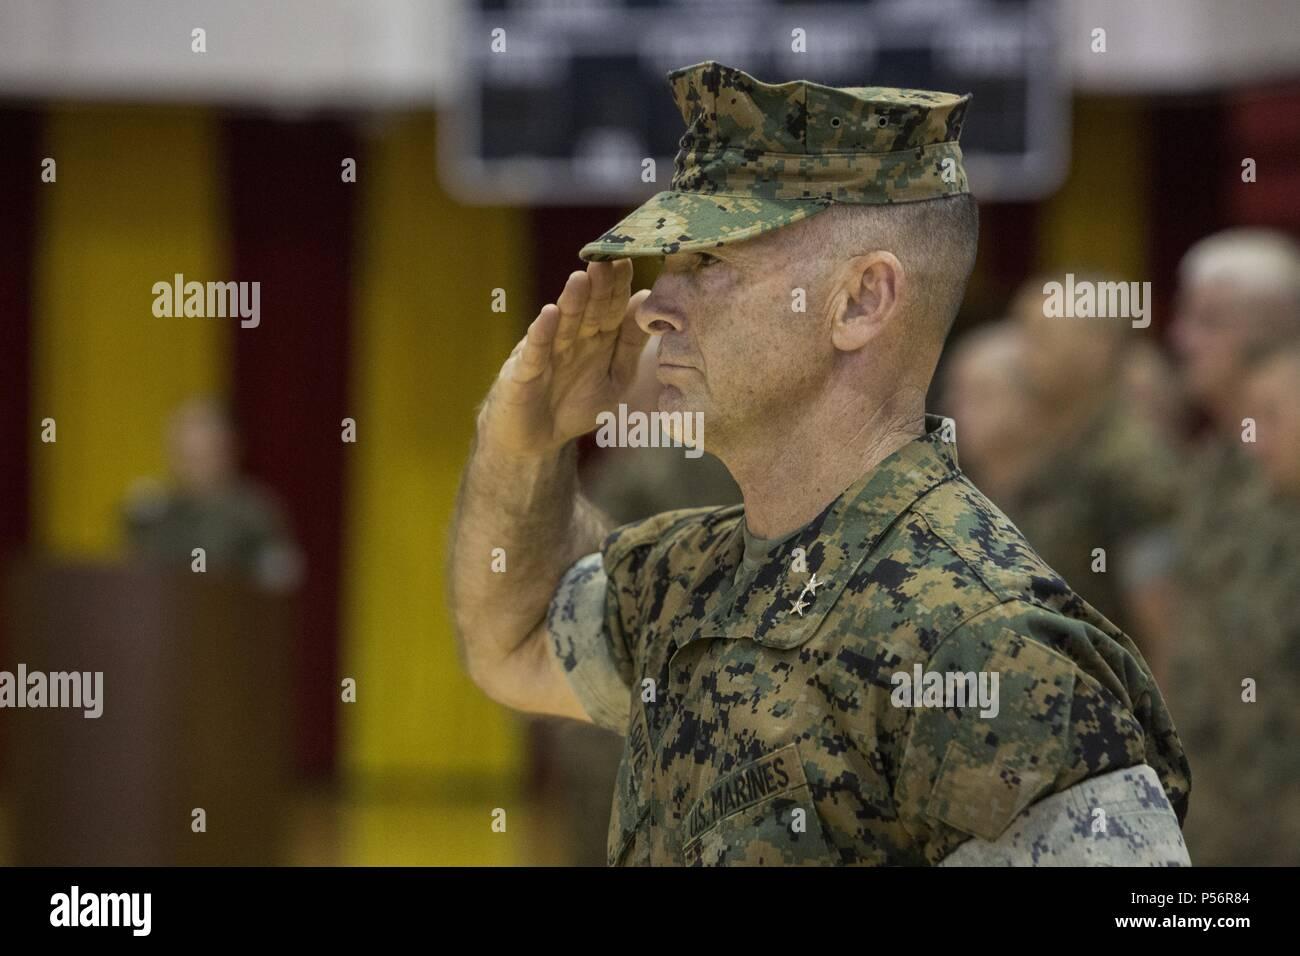 Stati Uniti Marine Corps Il Mag. Gen. John K. amore, il comandante generale della seconda divisione Marine, saluta durante il 6° Reggimento Marine modifica del comando cerimonia al Camp Lejeune, N.C. Giugno 12, 2018, 12 giugno 2018. Durante la cerimonia, Col. Matteo S. Reid rinunciato il comando dell'unità di Col. Daniel T. Canfield Jr. (U.S. Marine Corps foto di PFC. Nathaniel Q. Hamilton). () Immagini Stock